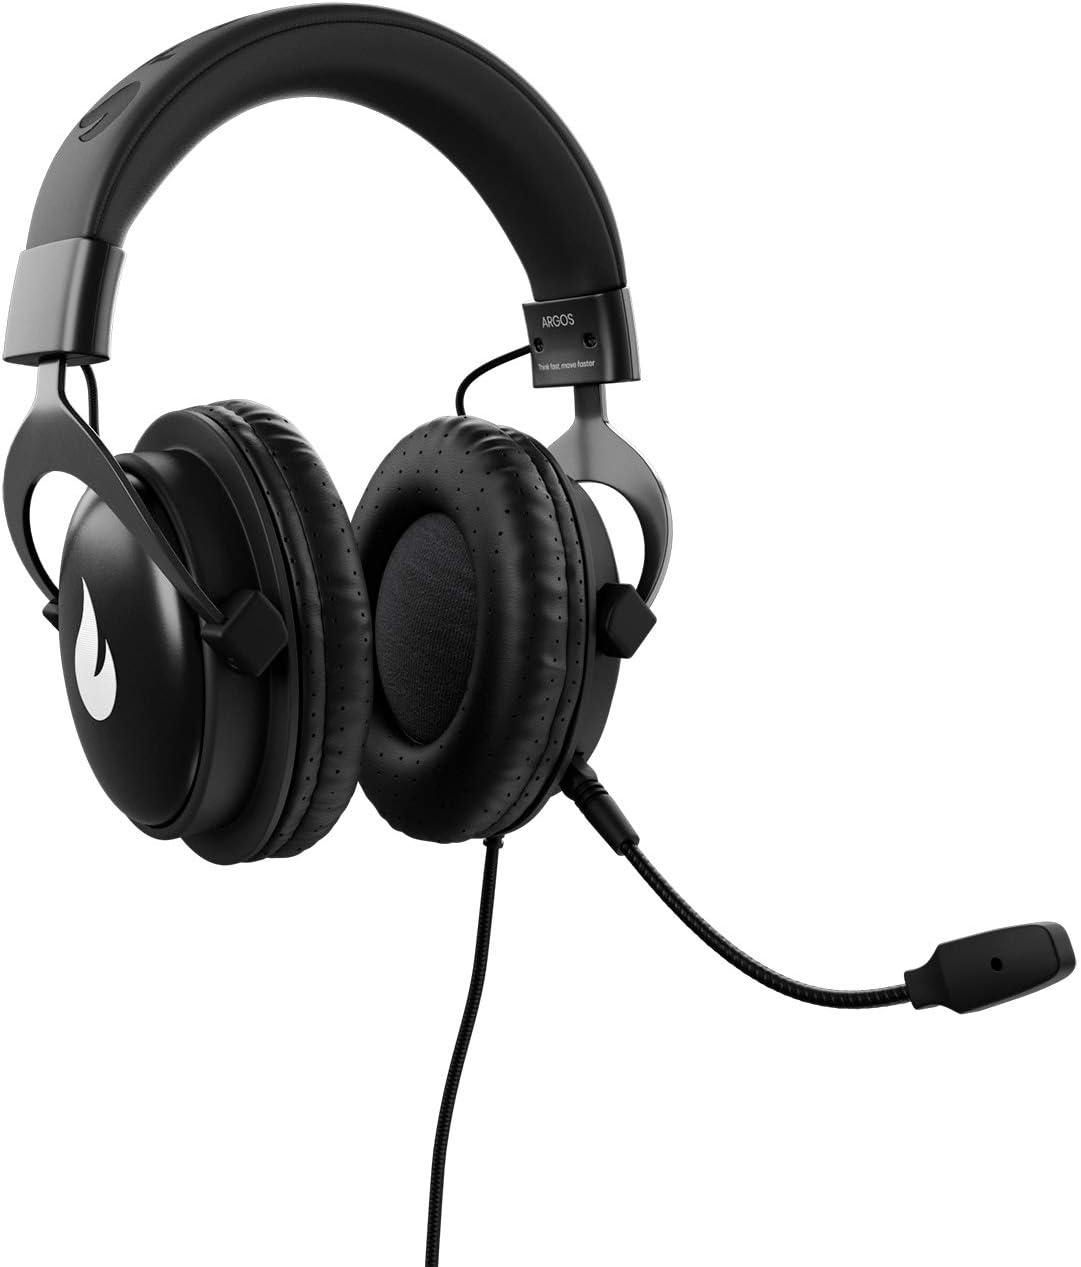 Flamefall Argos - Auriculares gaming HD con drivers de 50mm, micrófono extraíble y cómoda estructura de metal (PS4)